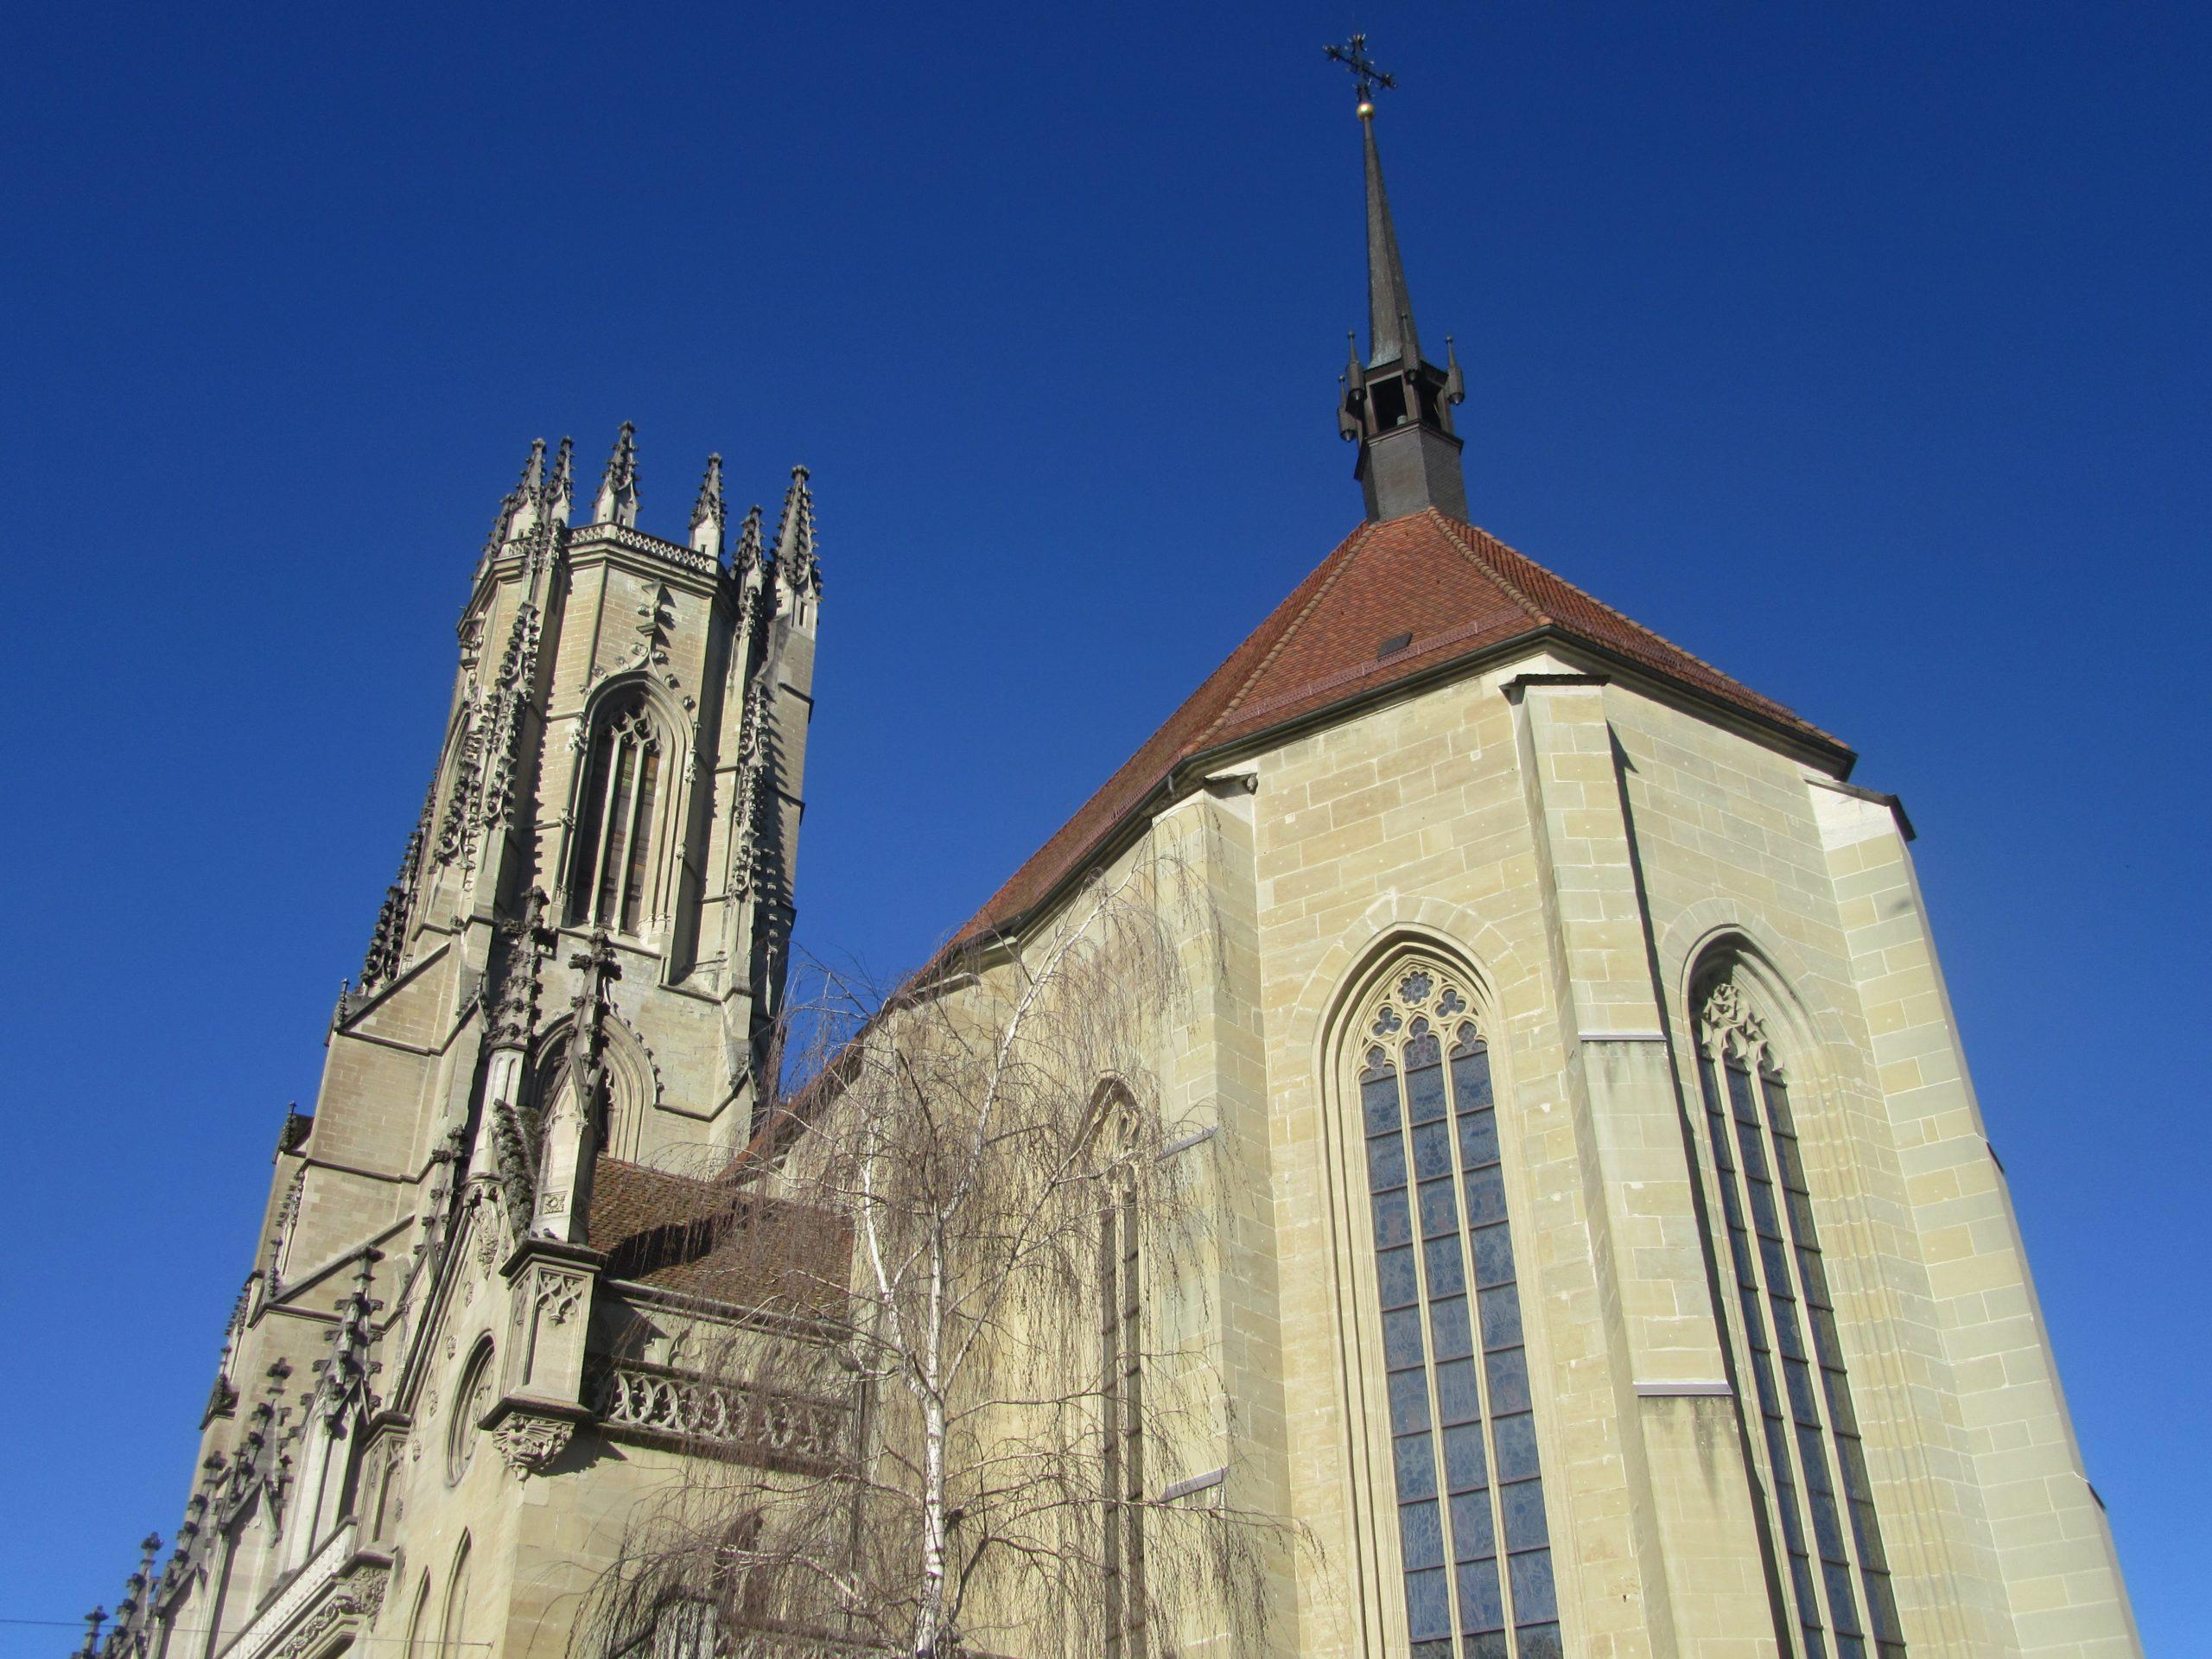 la cathedrale Saint Nicolas de Fribourg